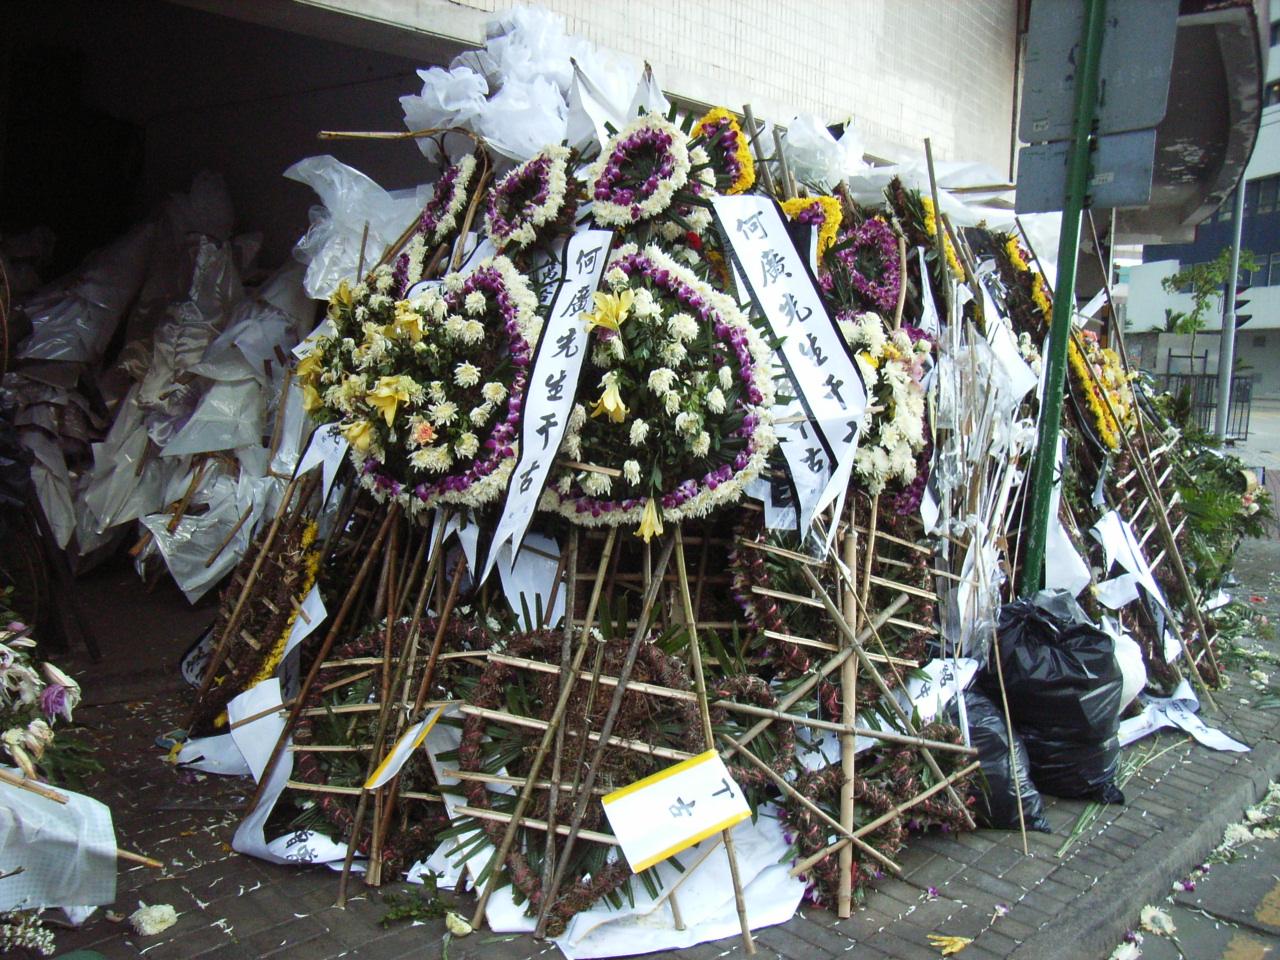 Filehk np hong kong funeral home used flowersg wikimedia commons filehk np hong kong funeral home used flowersg izmirmasajfo